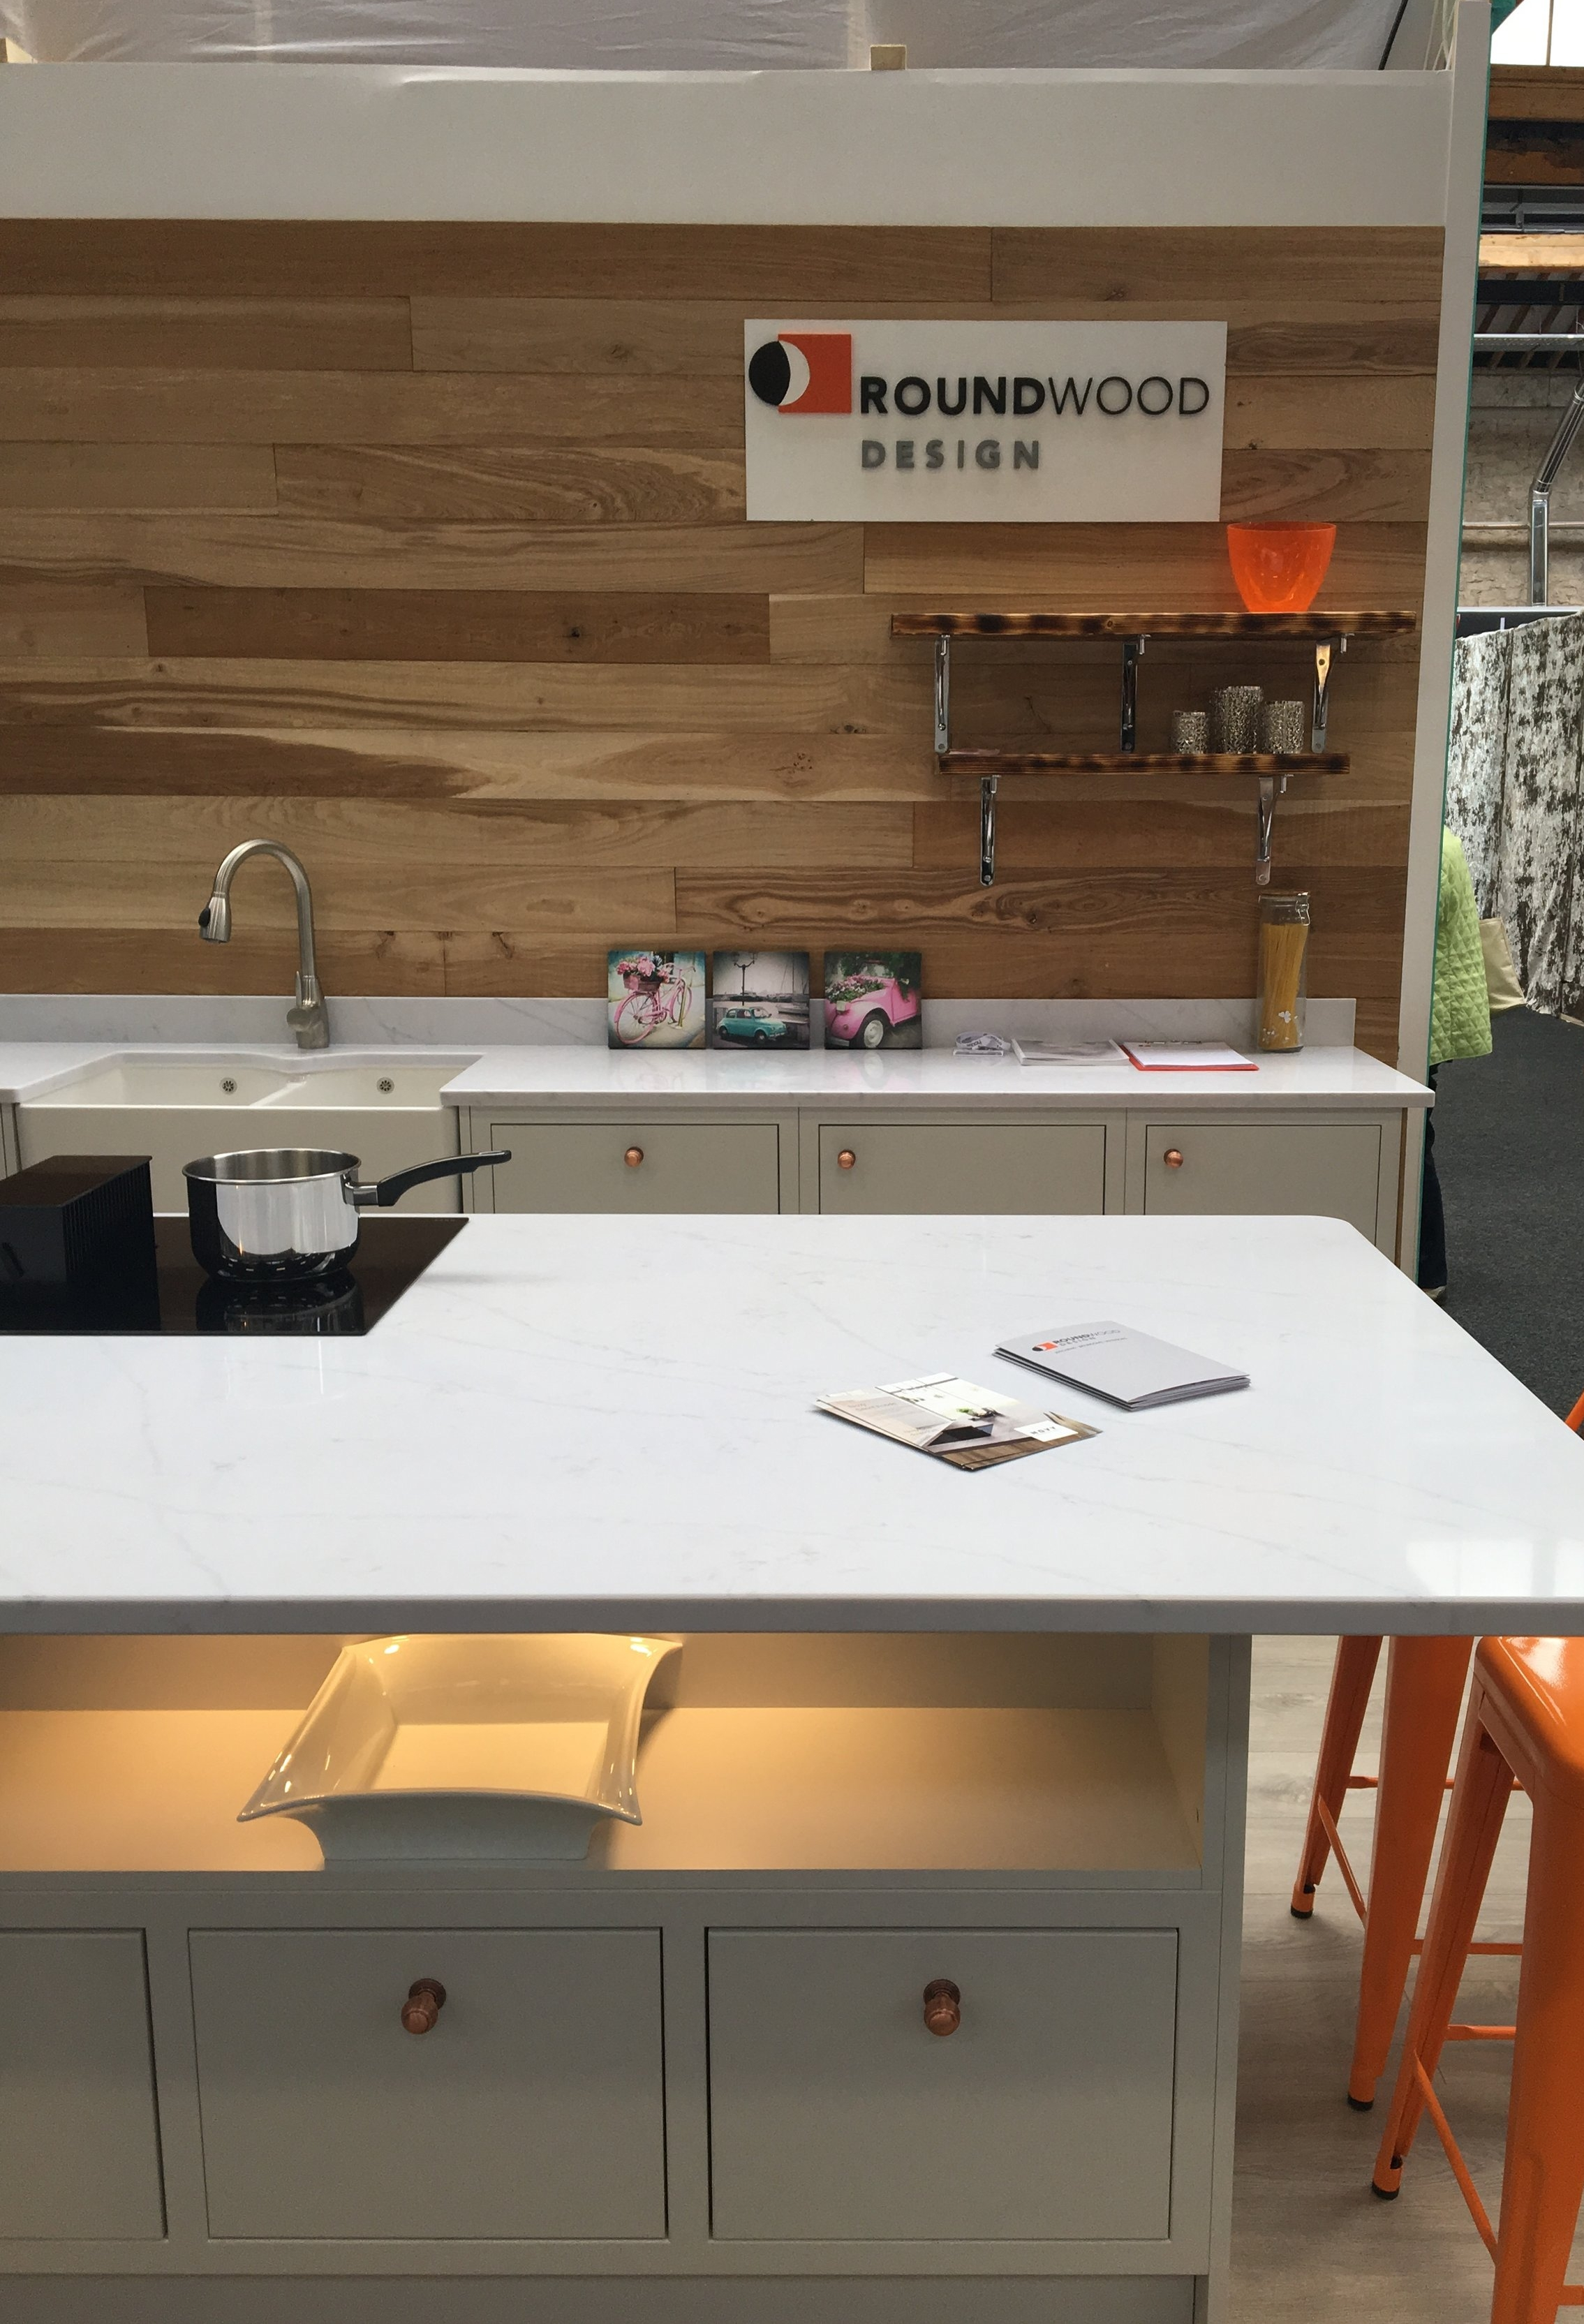 Roundwood Design- Statuario Silestone